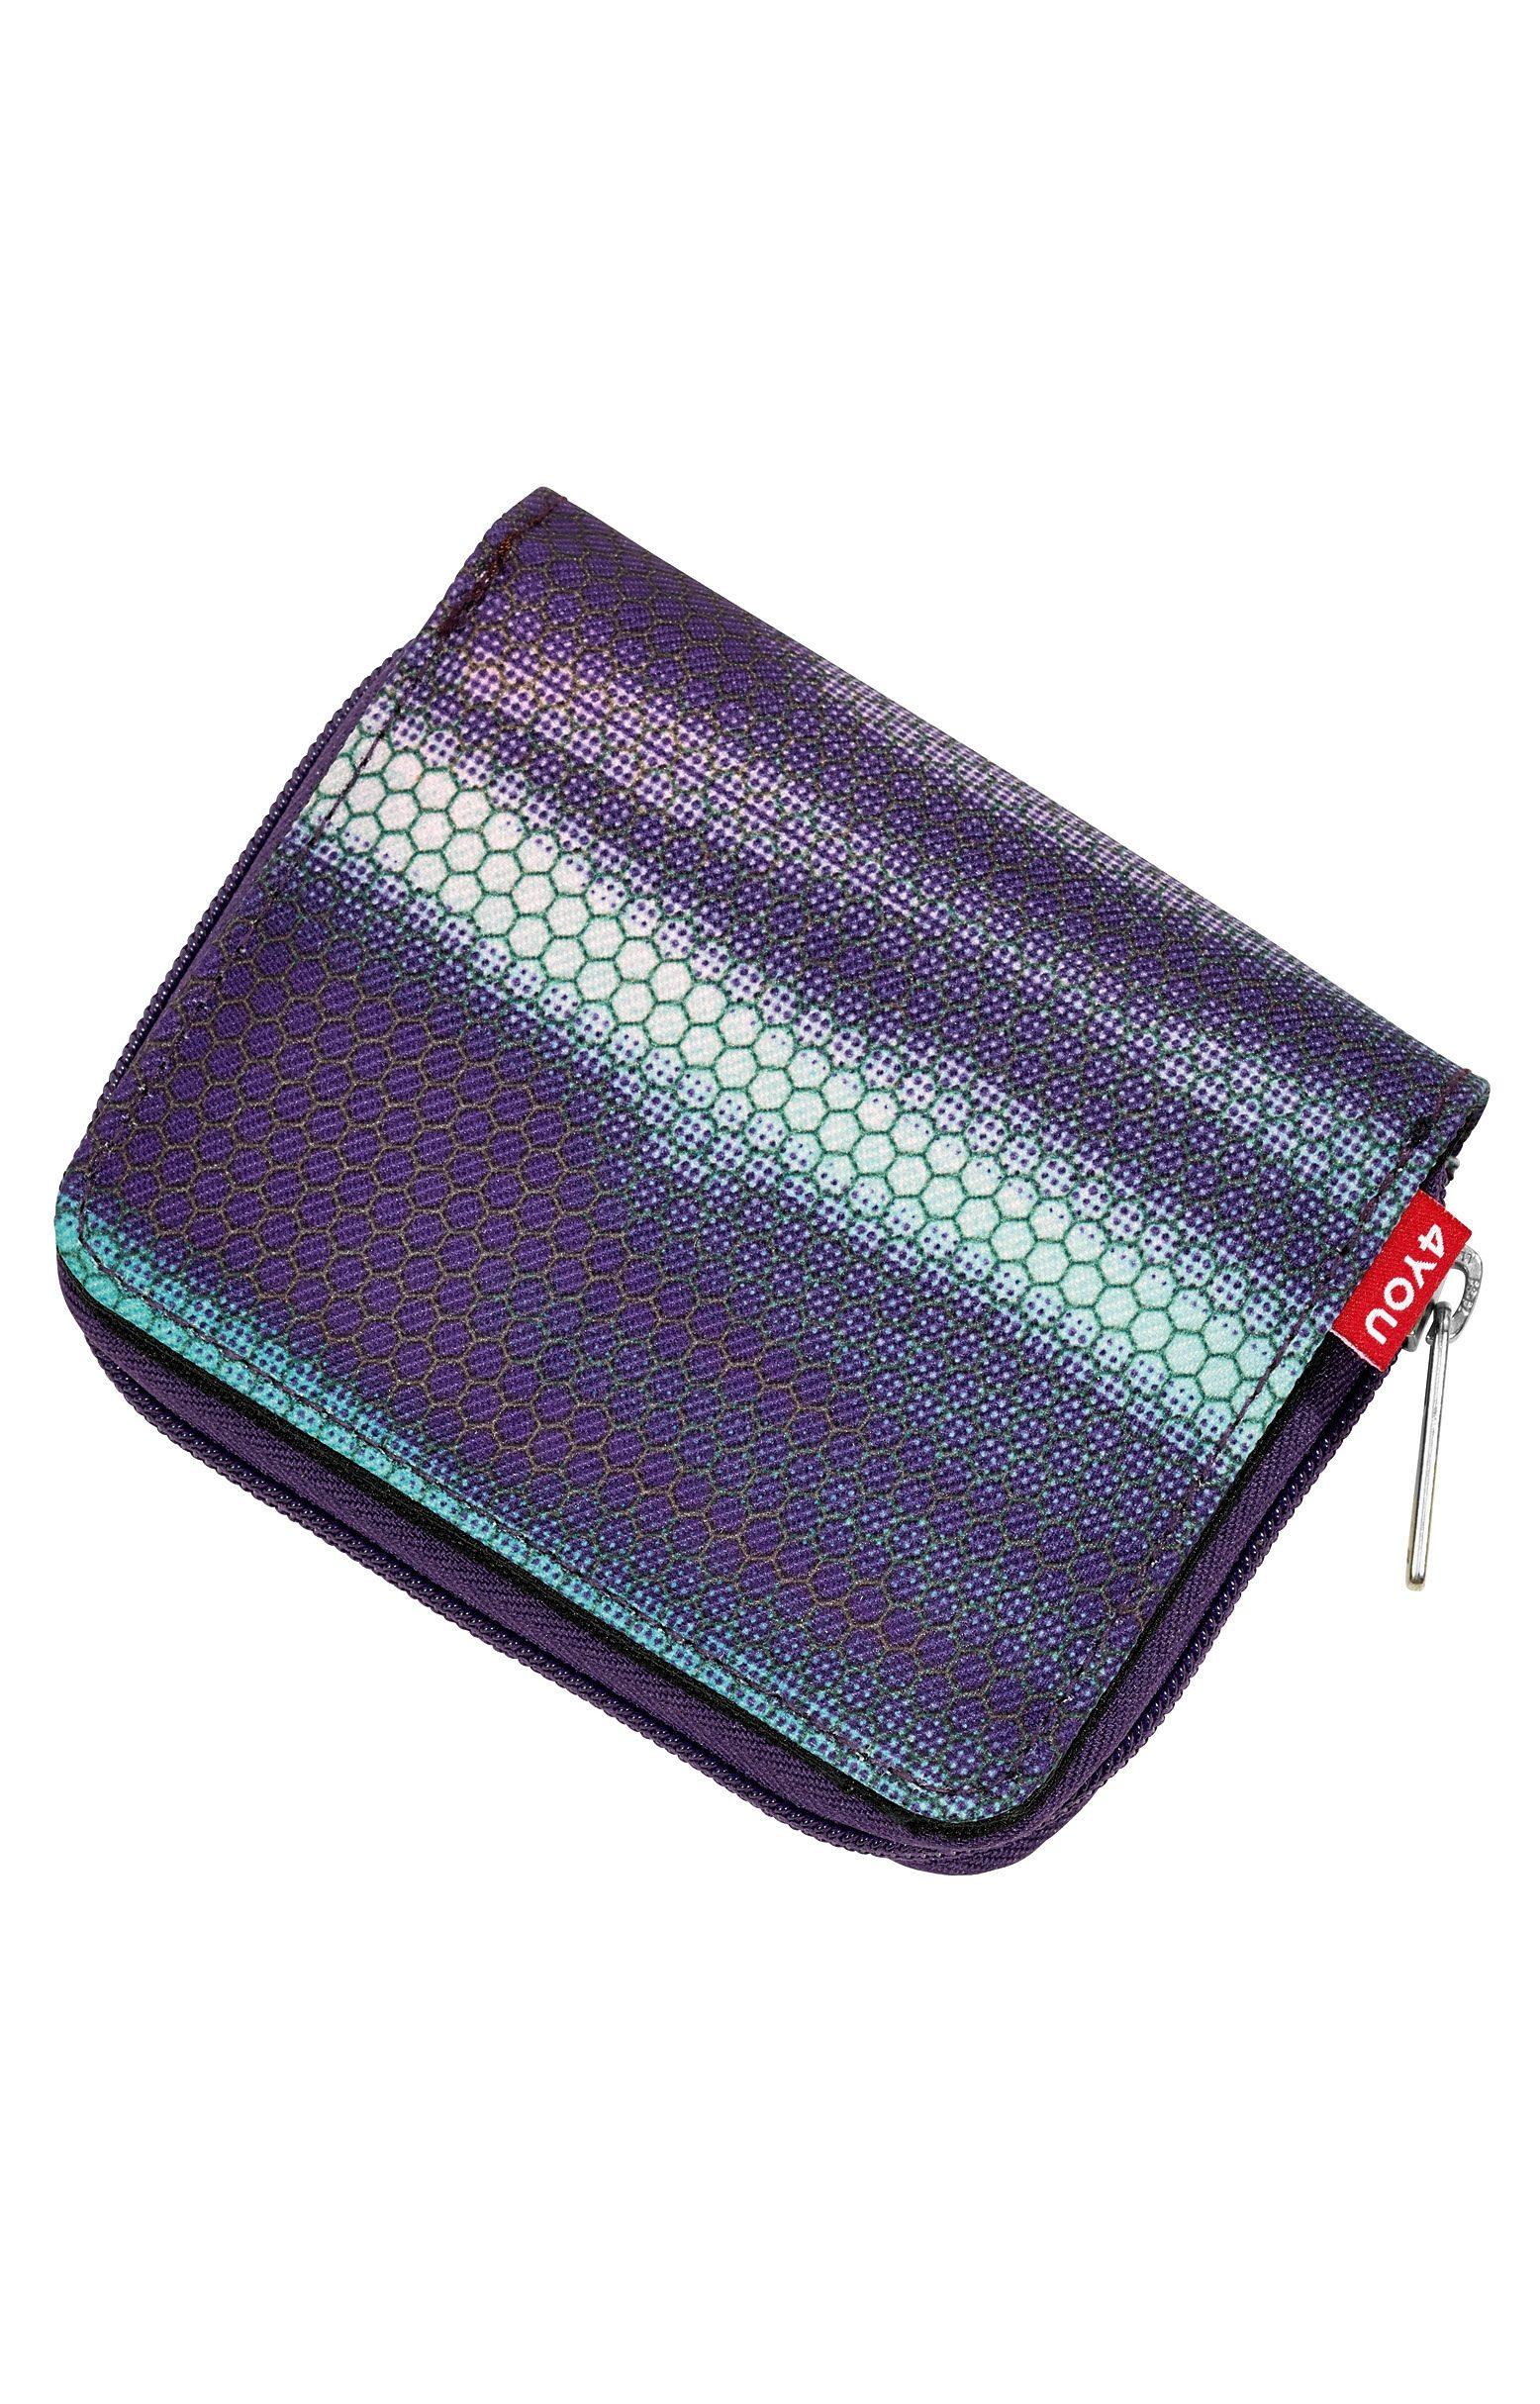 4YOU Geldbörse mit Reißverschluss, Shades Purple, »Zipper Wallet«